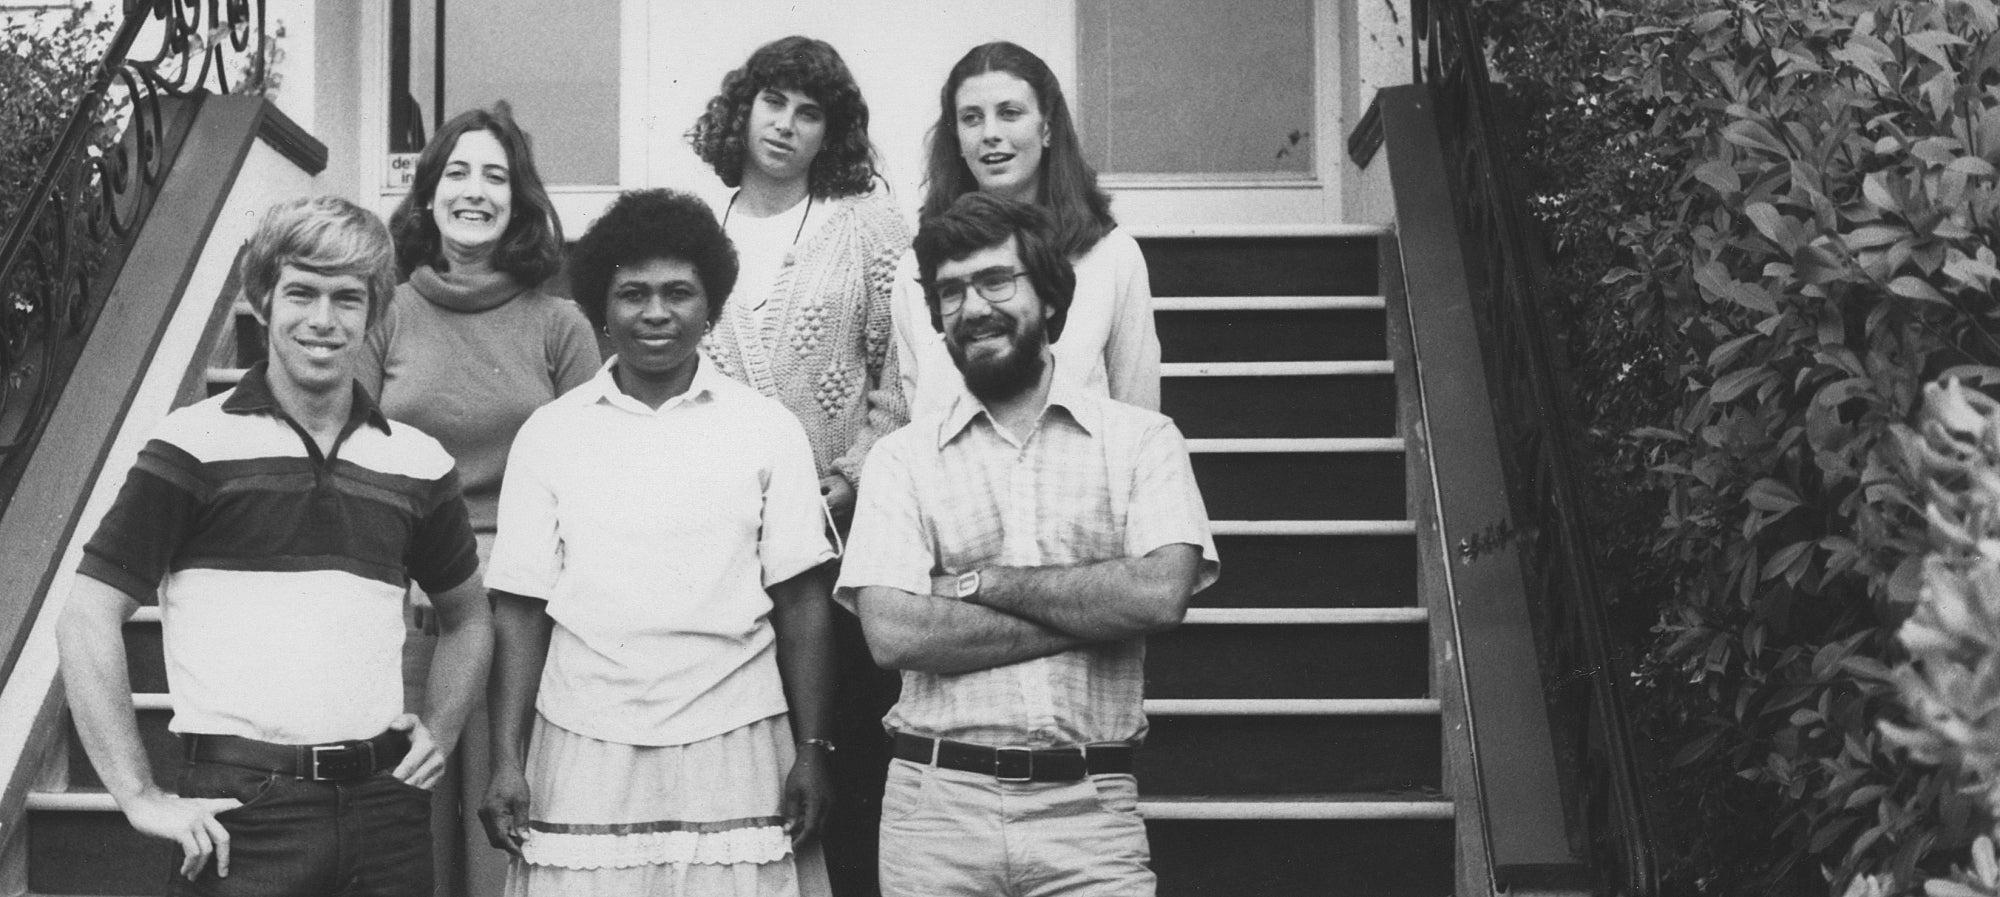 1982 interns